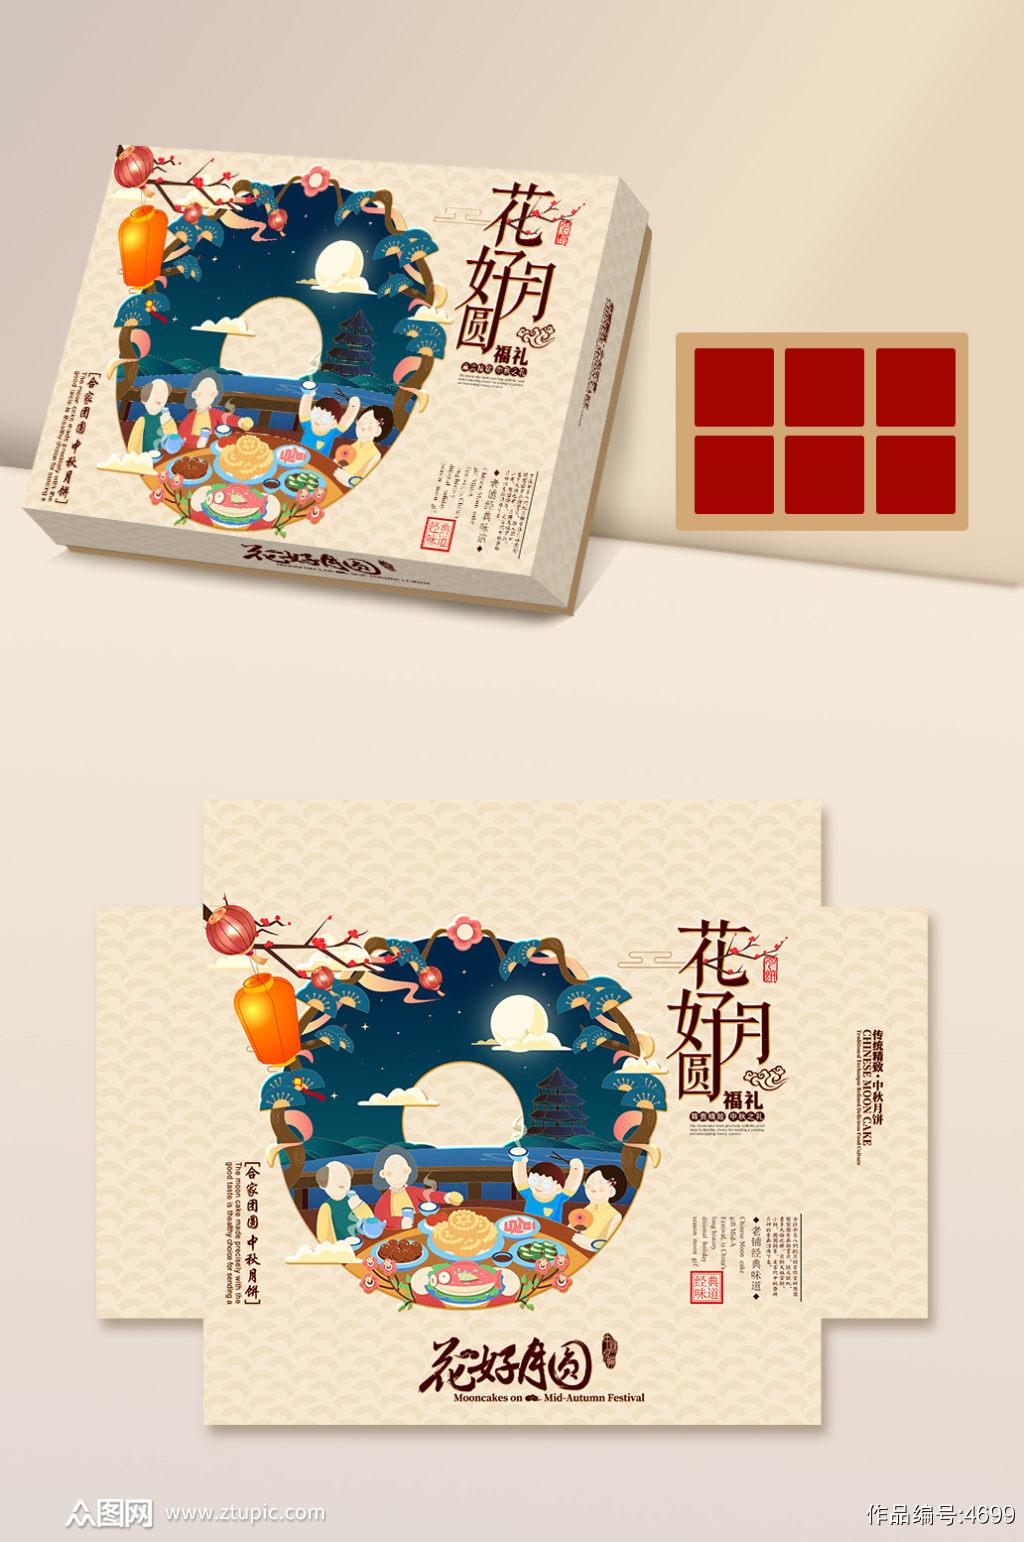 原创中秋节手绘月饼盒月饼包装素材